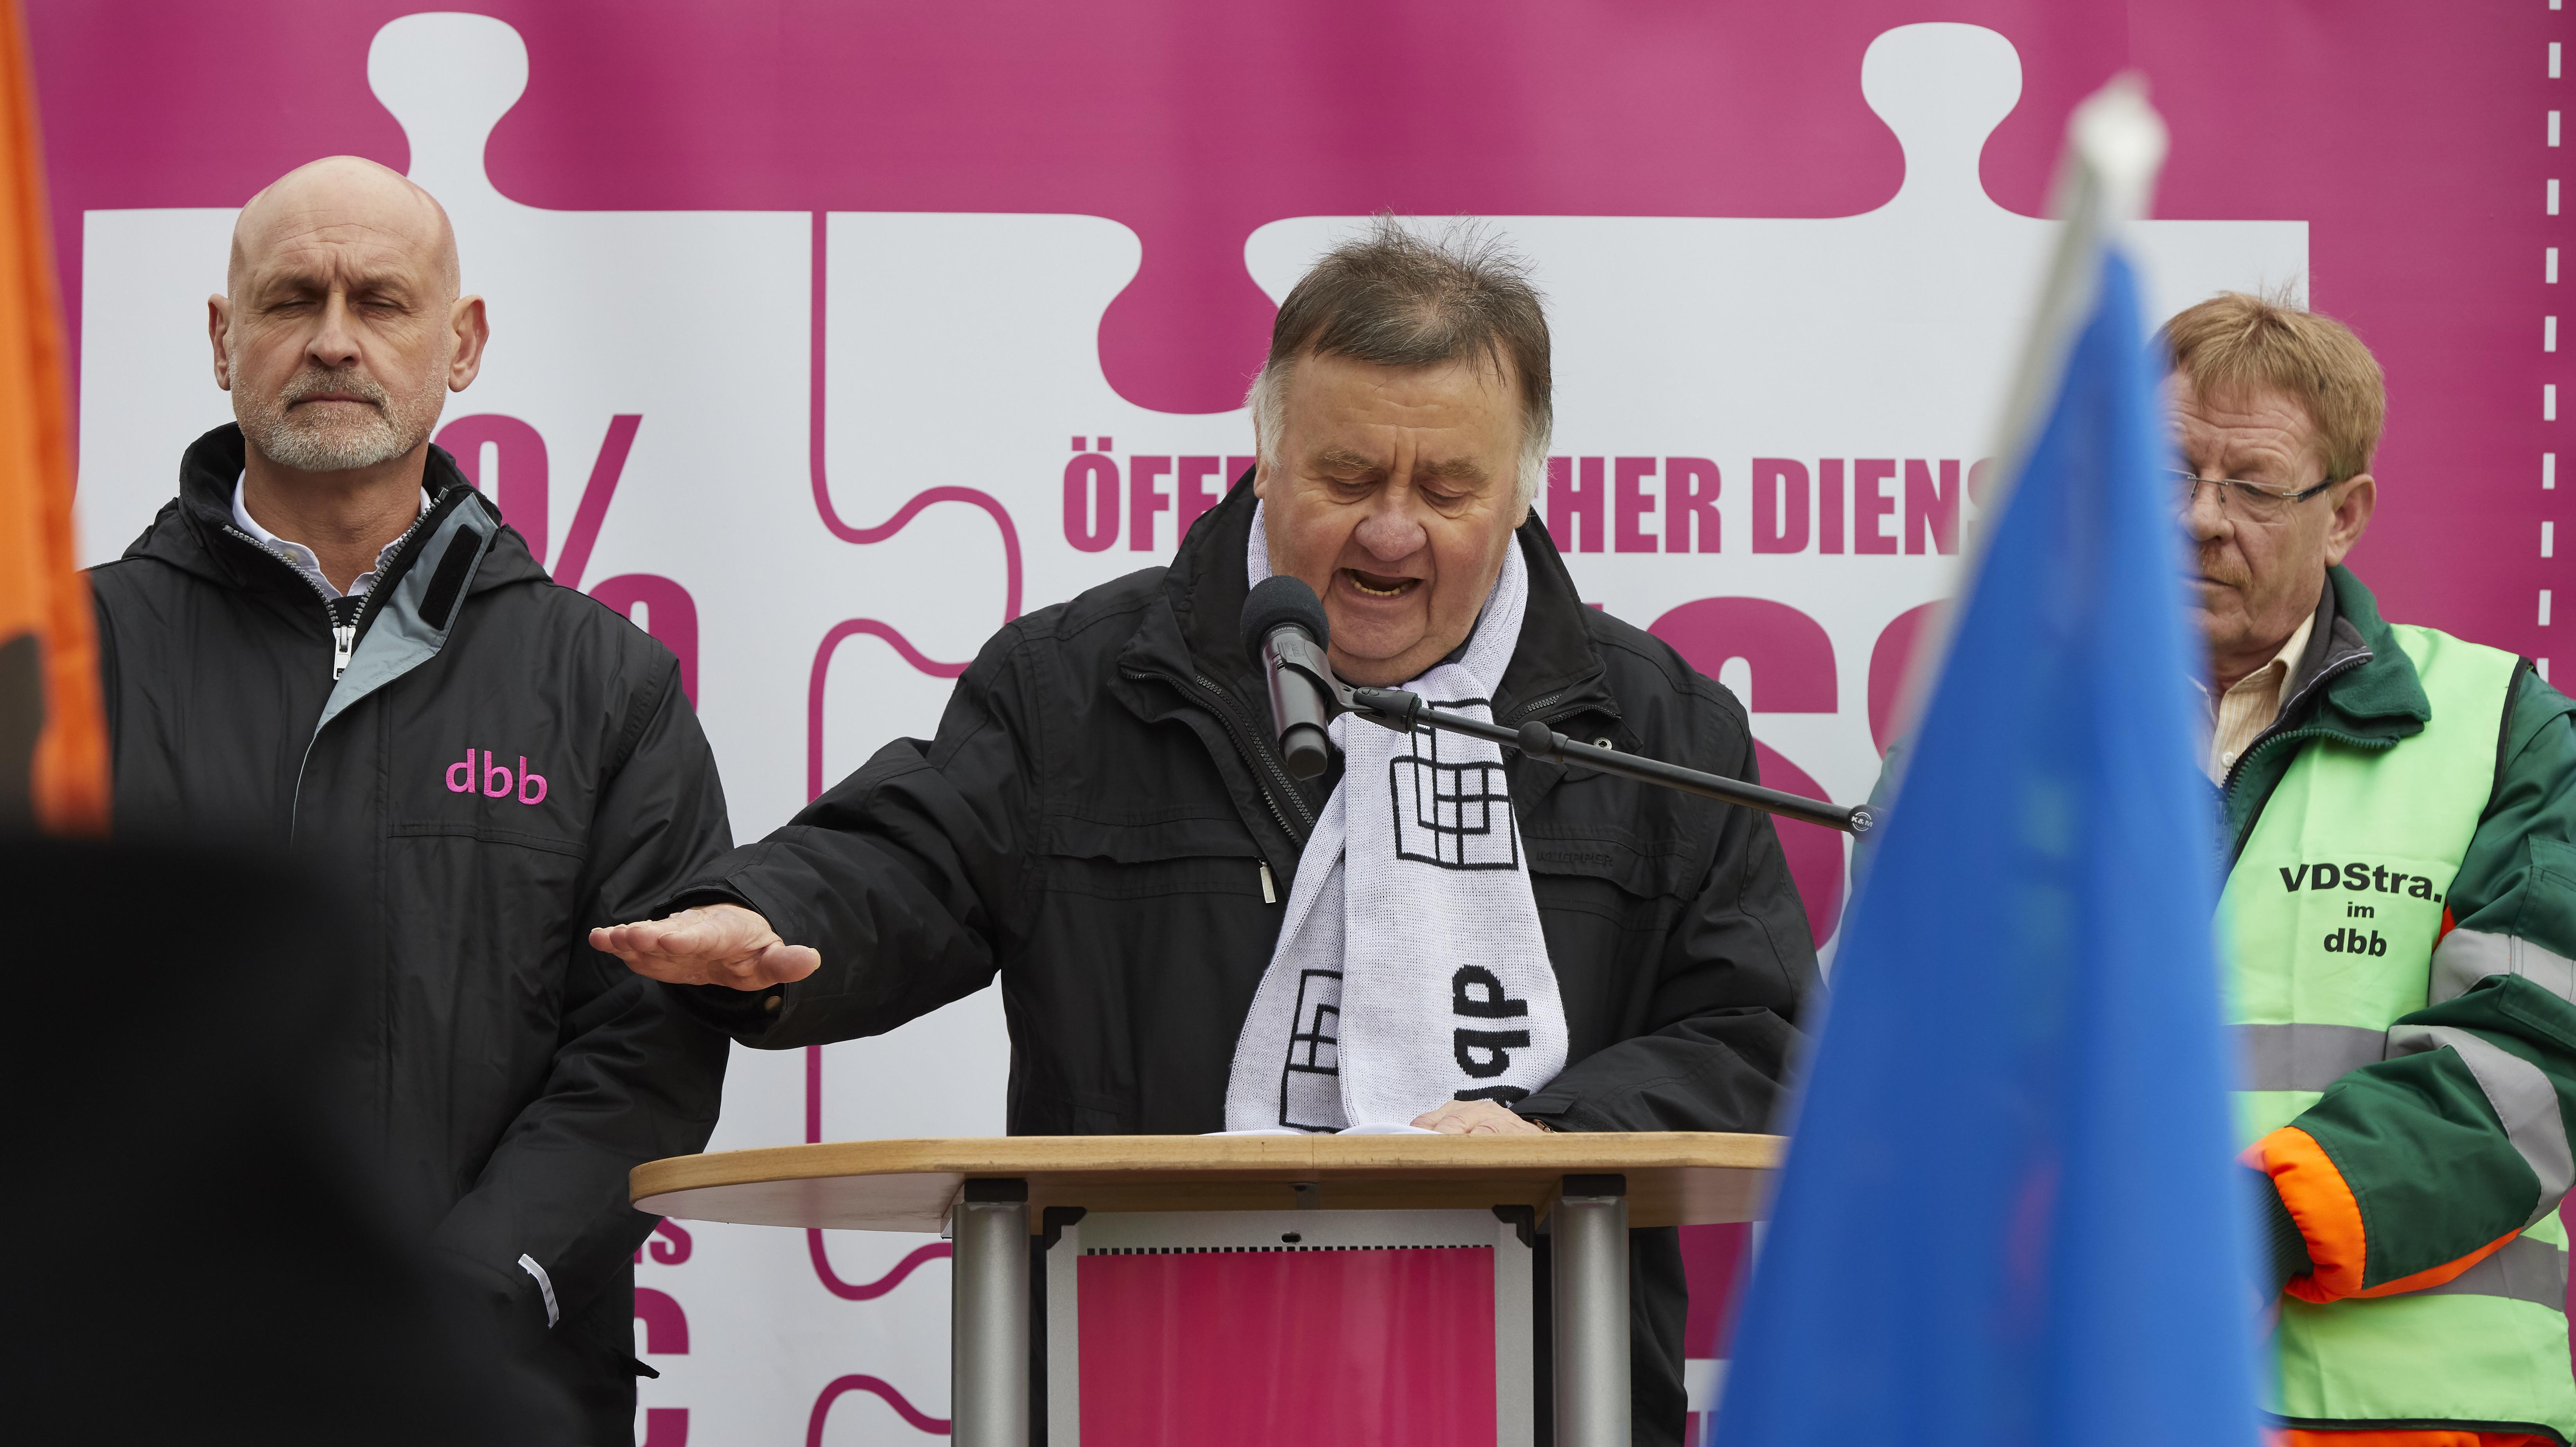 Starke Signale: VBE-Mitglieder gehen auf die Straße | VBE.de